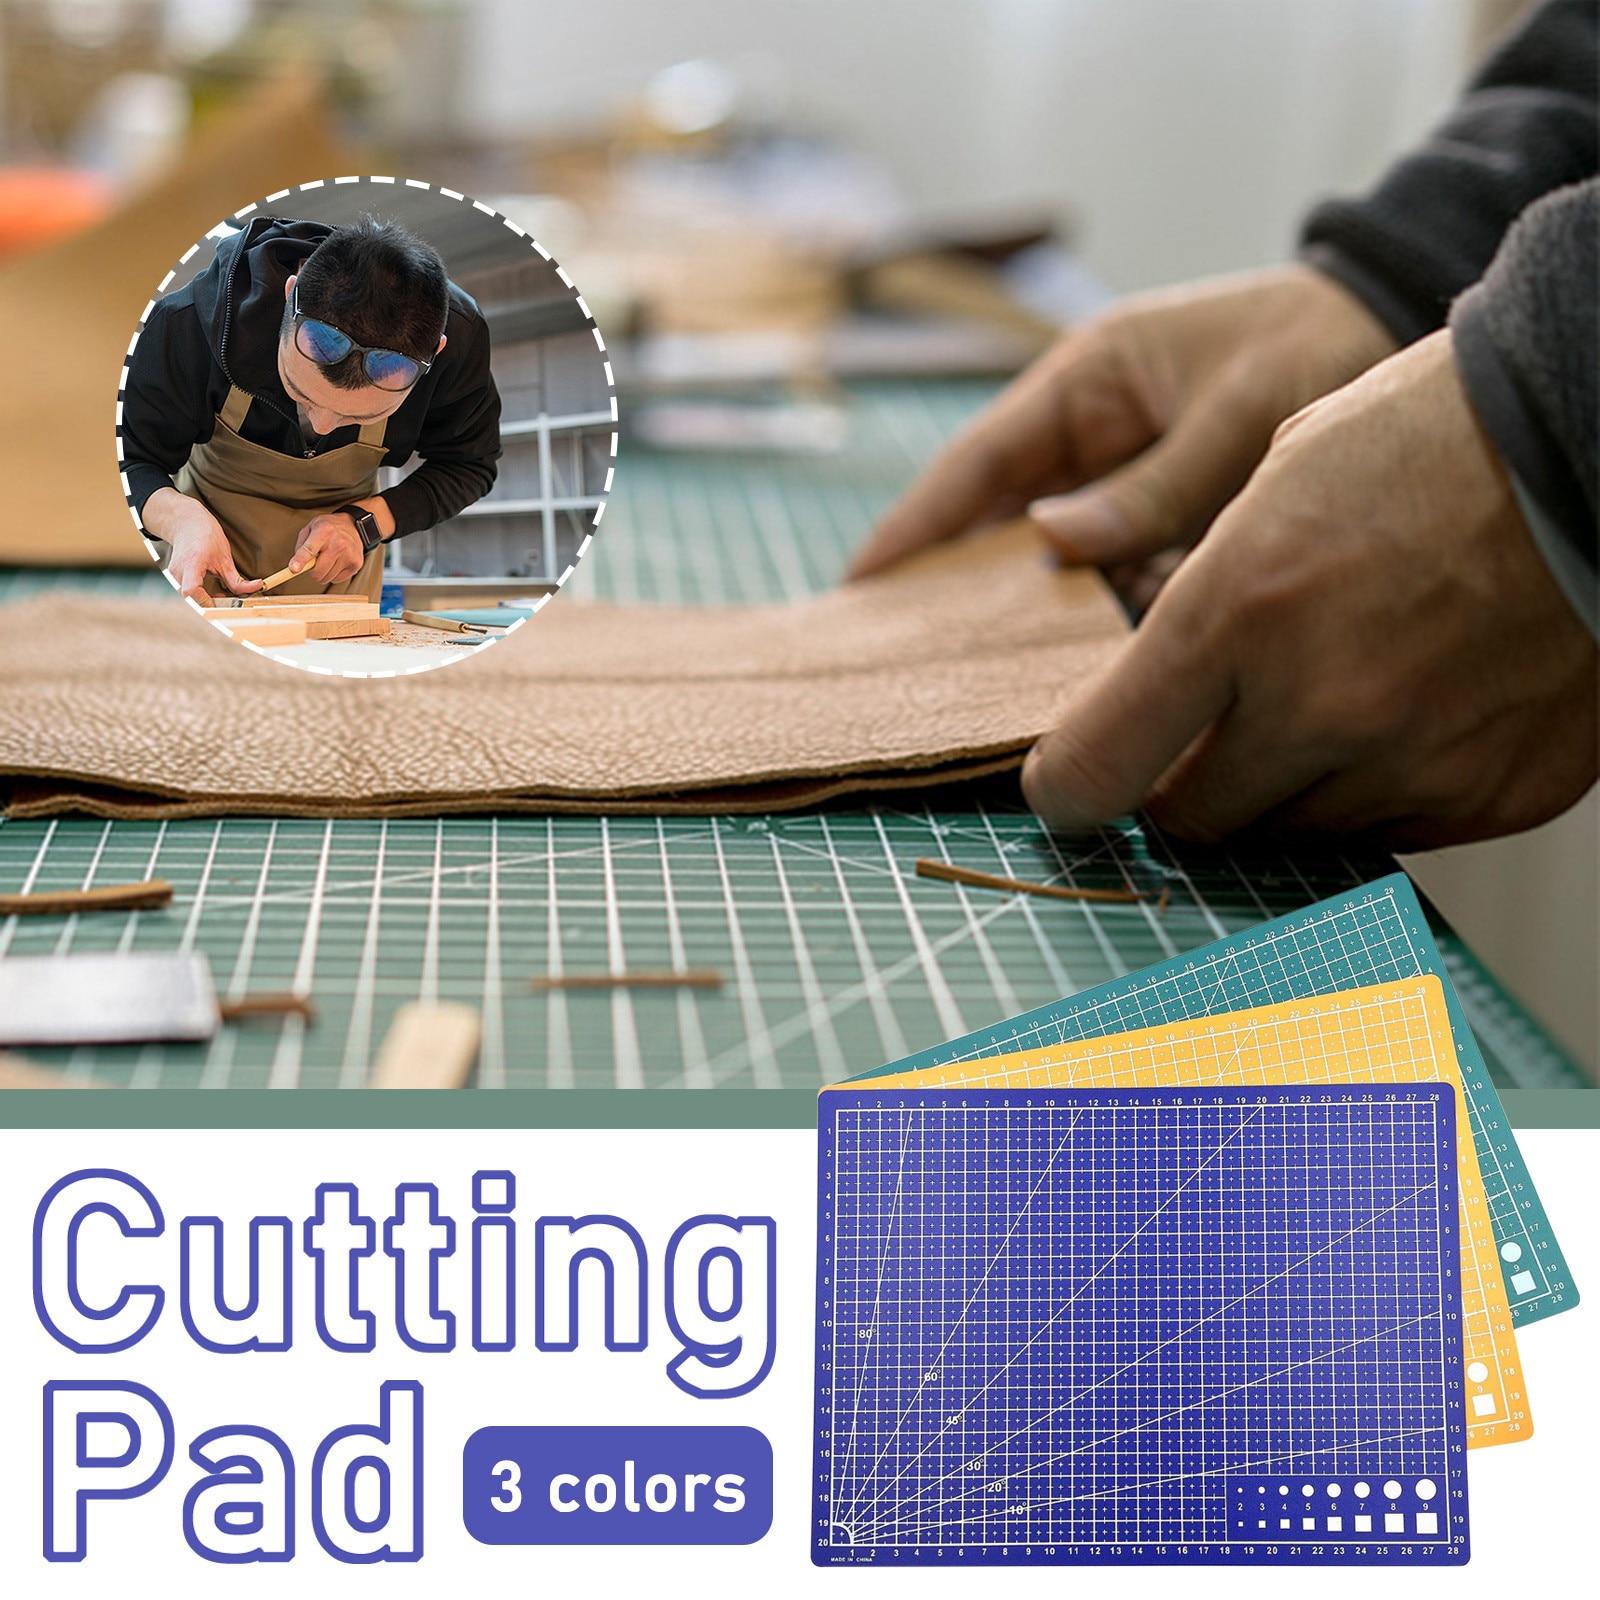 a4-a5-tappetino-da-taglio-in-pvc-pad-patchwork-cut-pad-durevole-patchwork-strumenti-fai-da-te-fatti-a-mano-autorigenerante-piastra-da-taglio-art-tool-y3